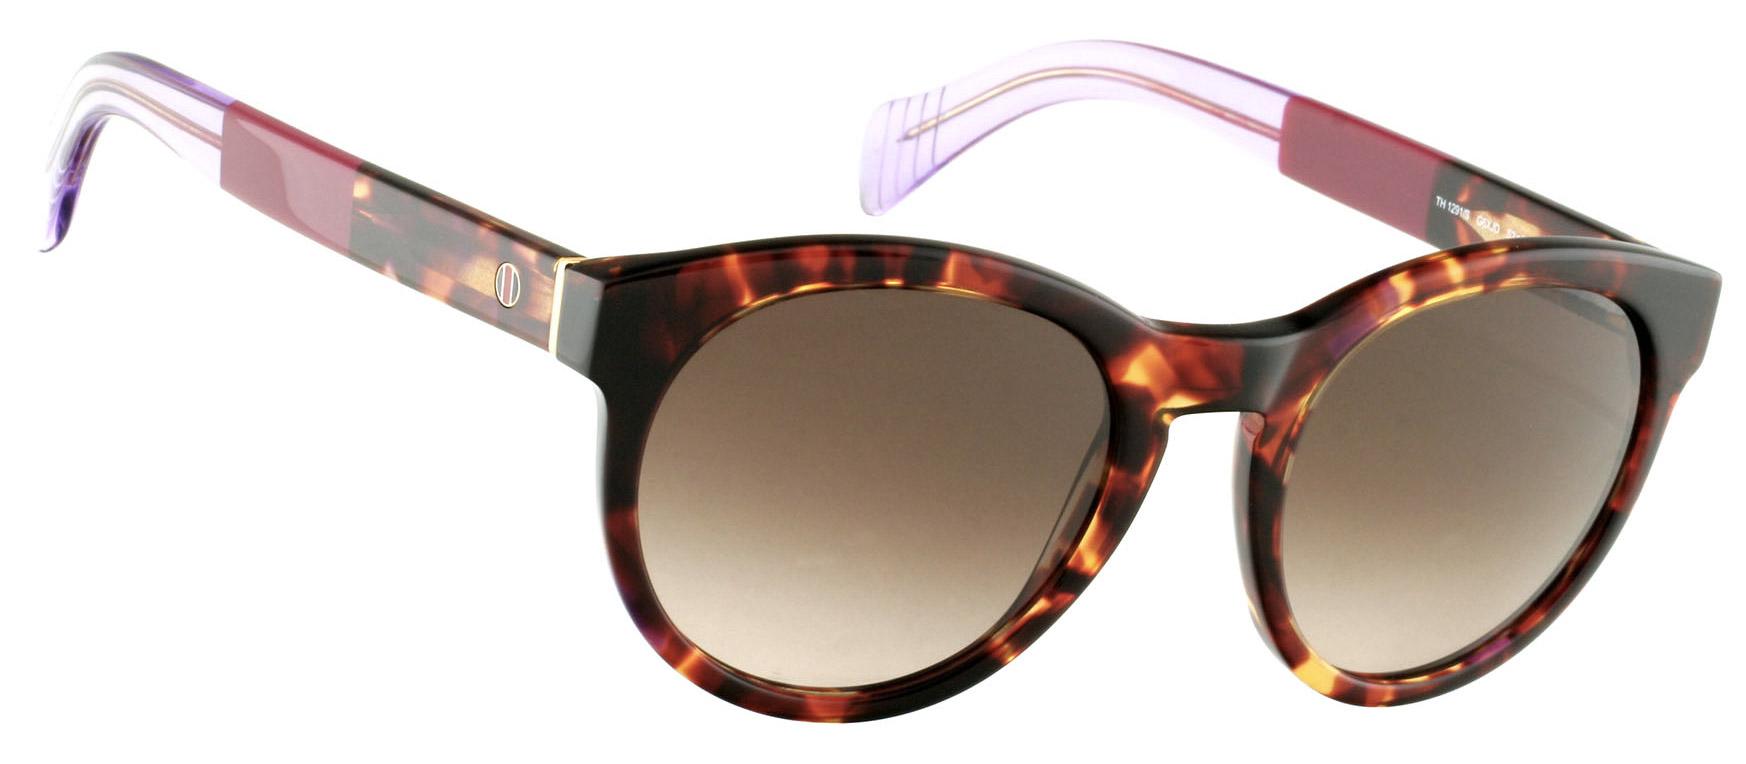 occhiali da sole tommy hilfiger 1291s ottico ticino lugano